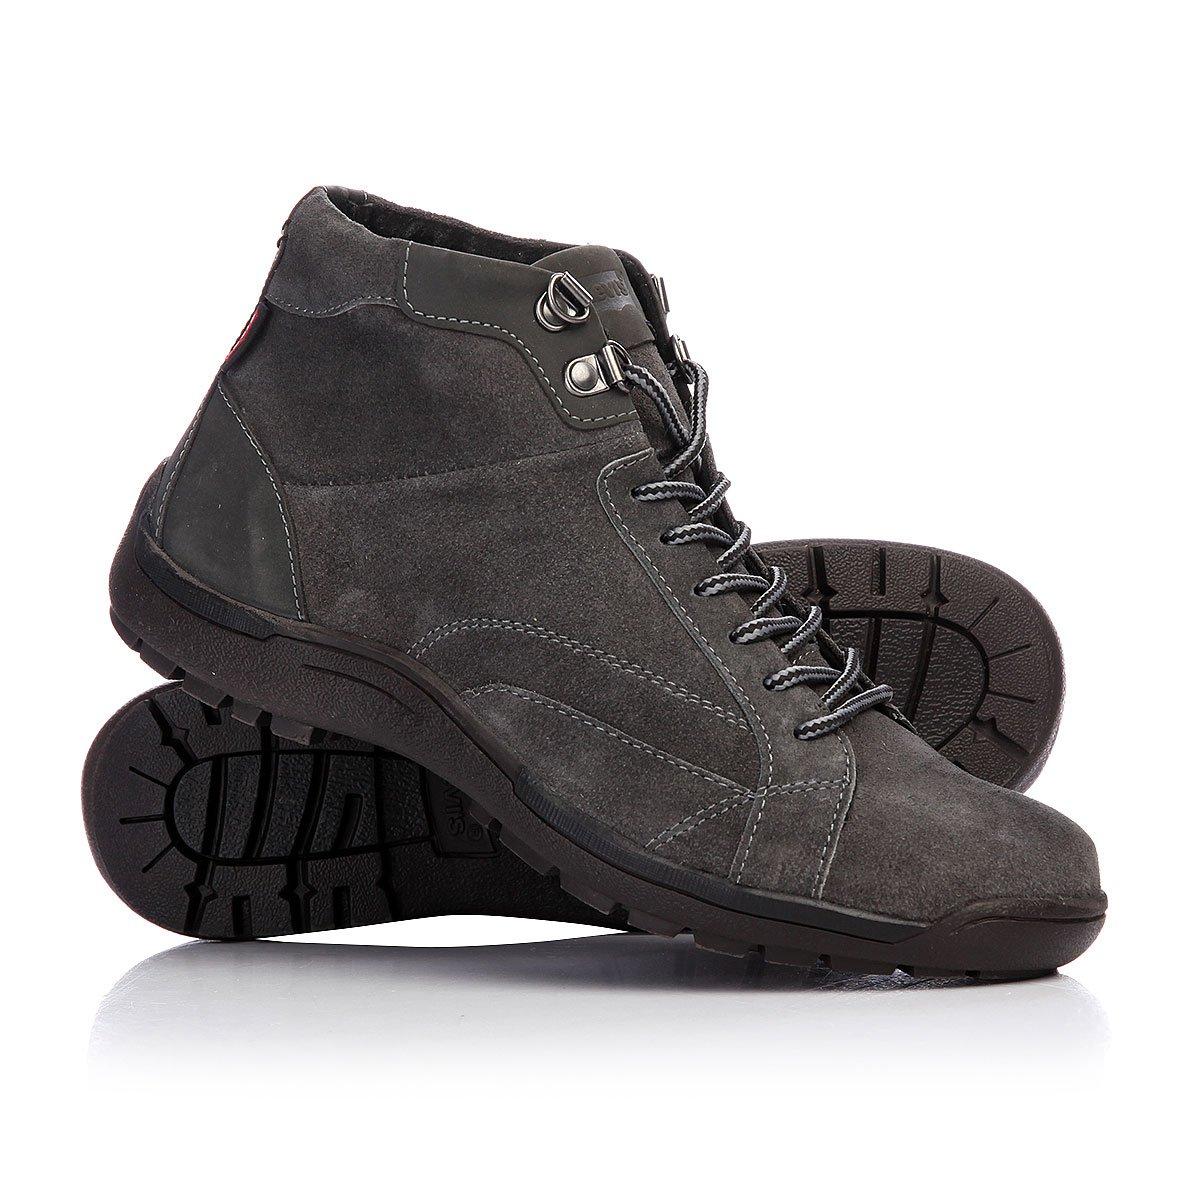 Купить ботинки Levis Duke Dark Grey в интернет-магазине Proskater.ru c72be2bc69d